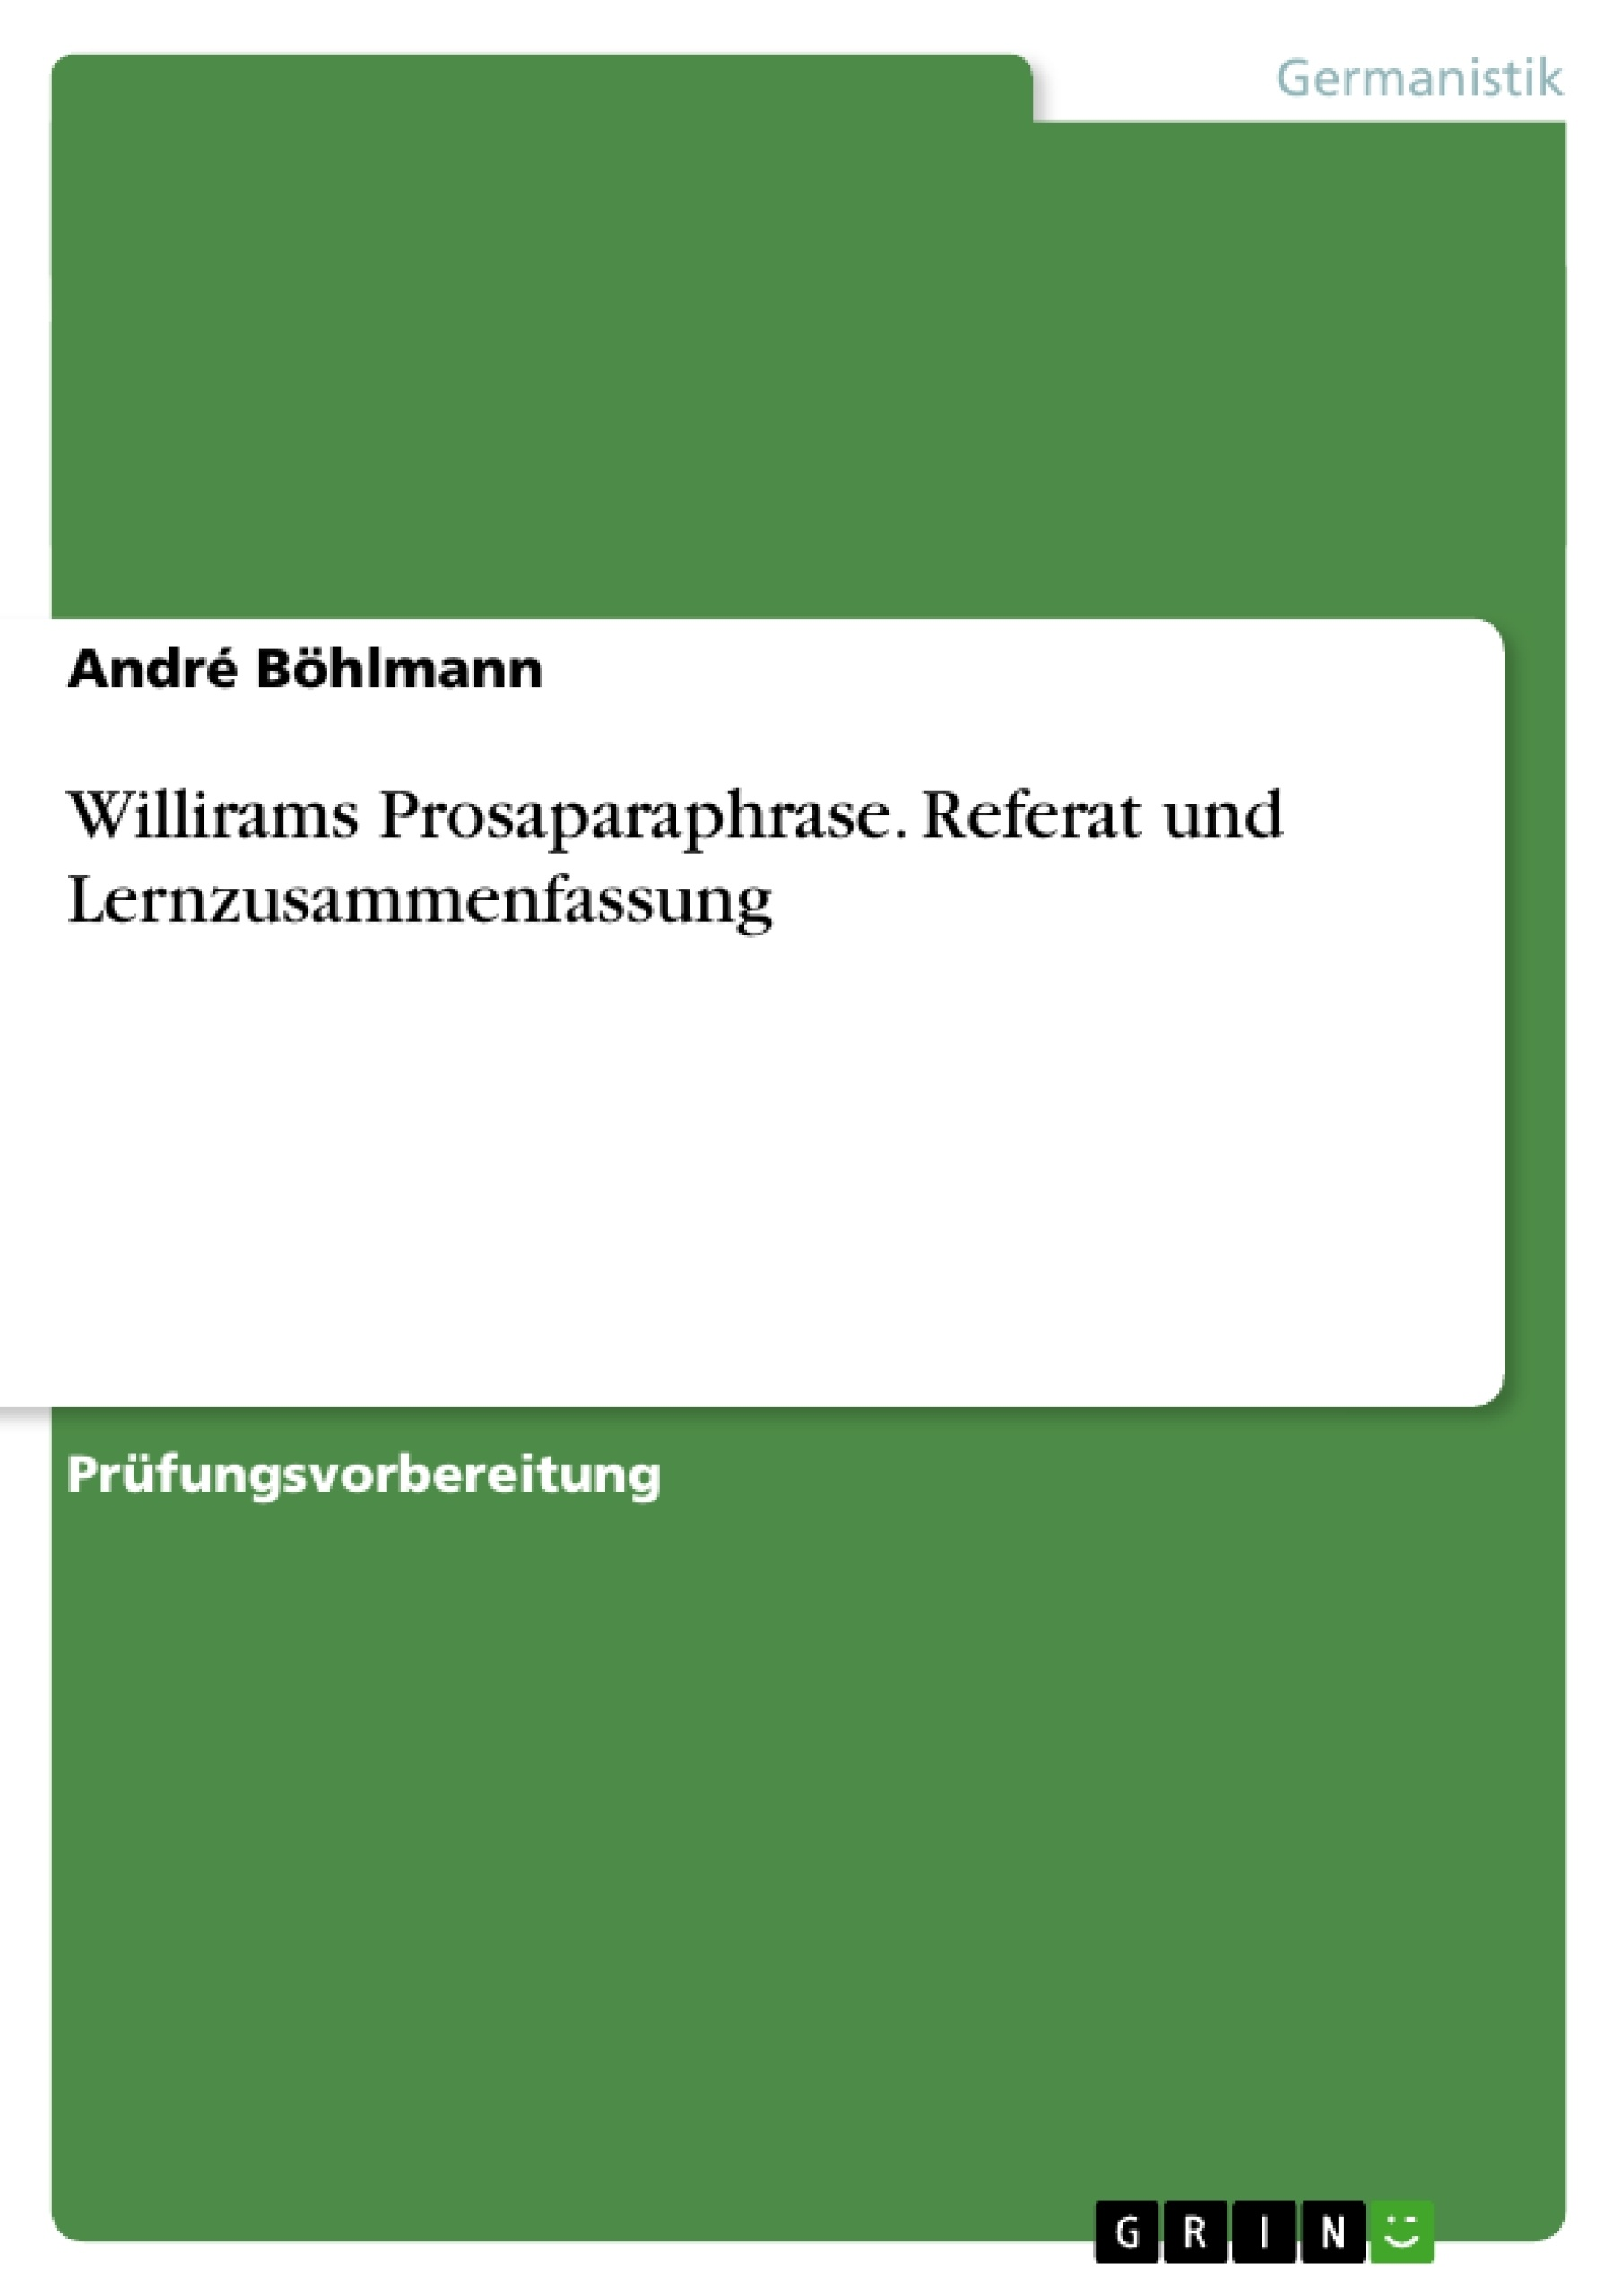 Titel: Willirams Prosaparaphrase. Referat und Lernzusammenfassung